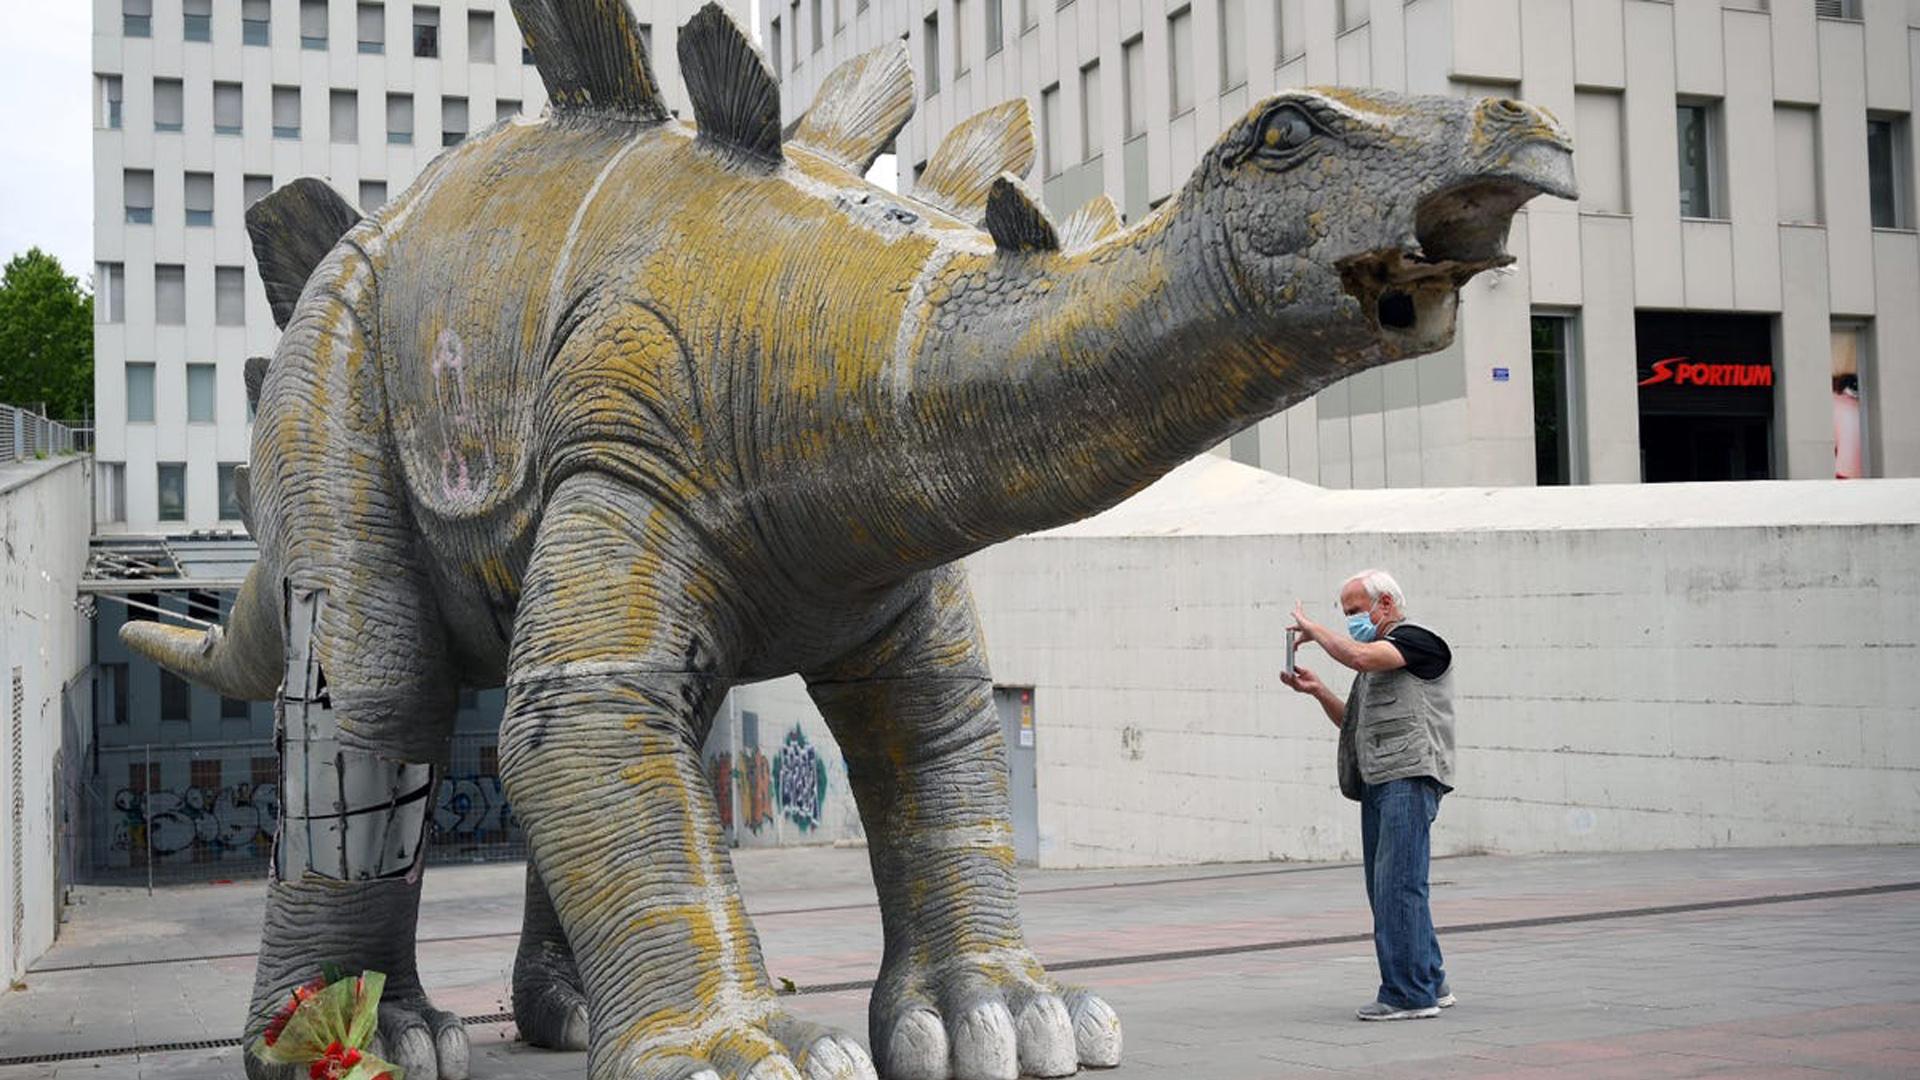 Homem foi encontrado morto dentro de uma estátua de dinossauro